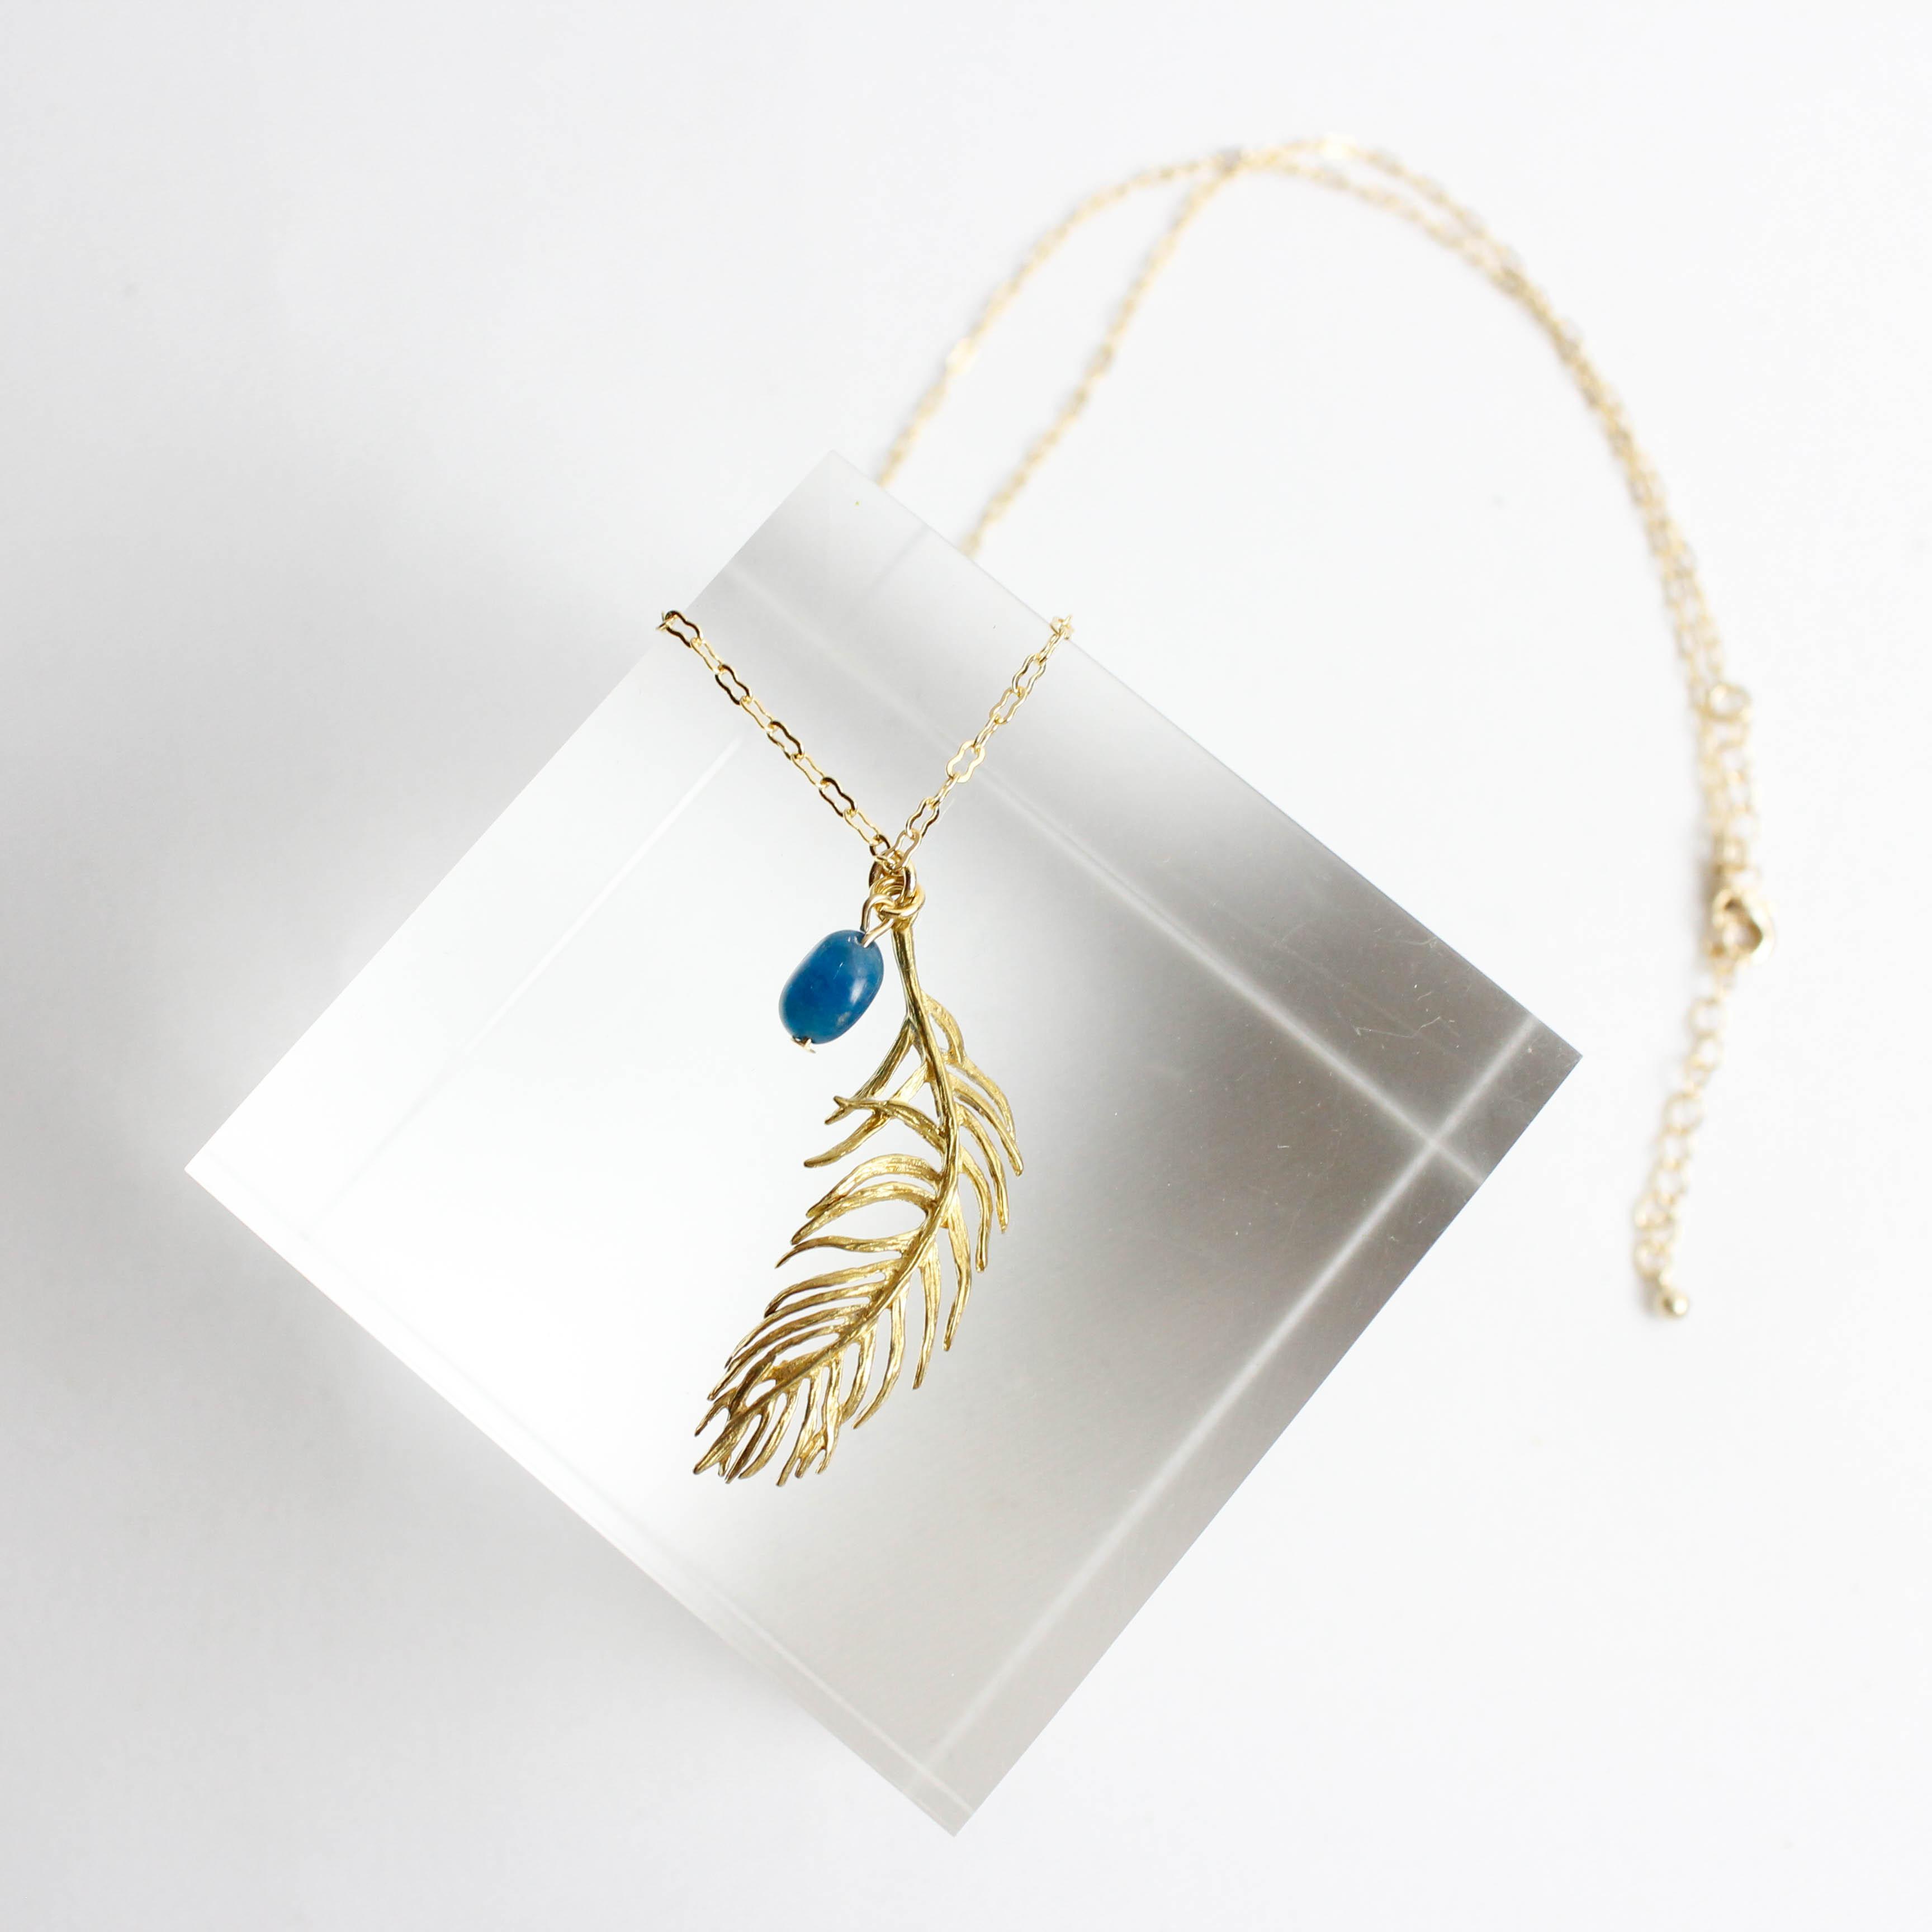 ブルーアパタイトと真鍮フェザー チェーンネックレス 【CN0038】